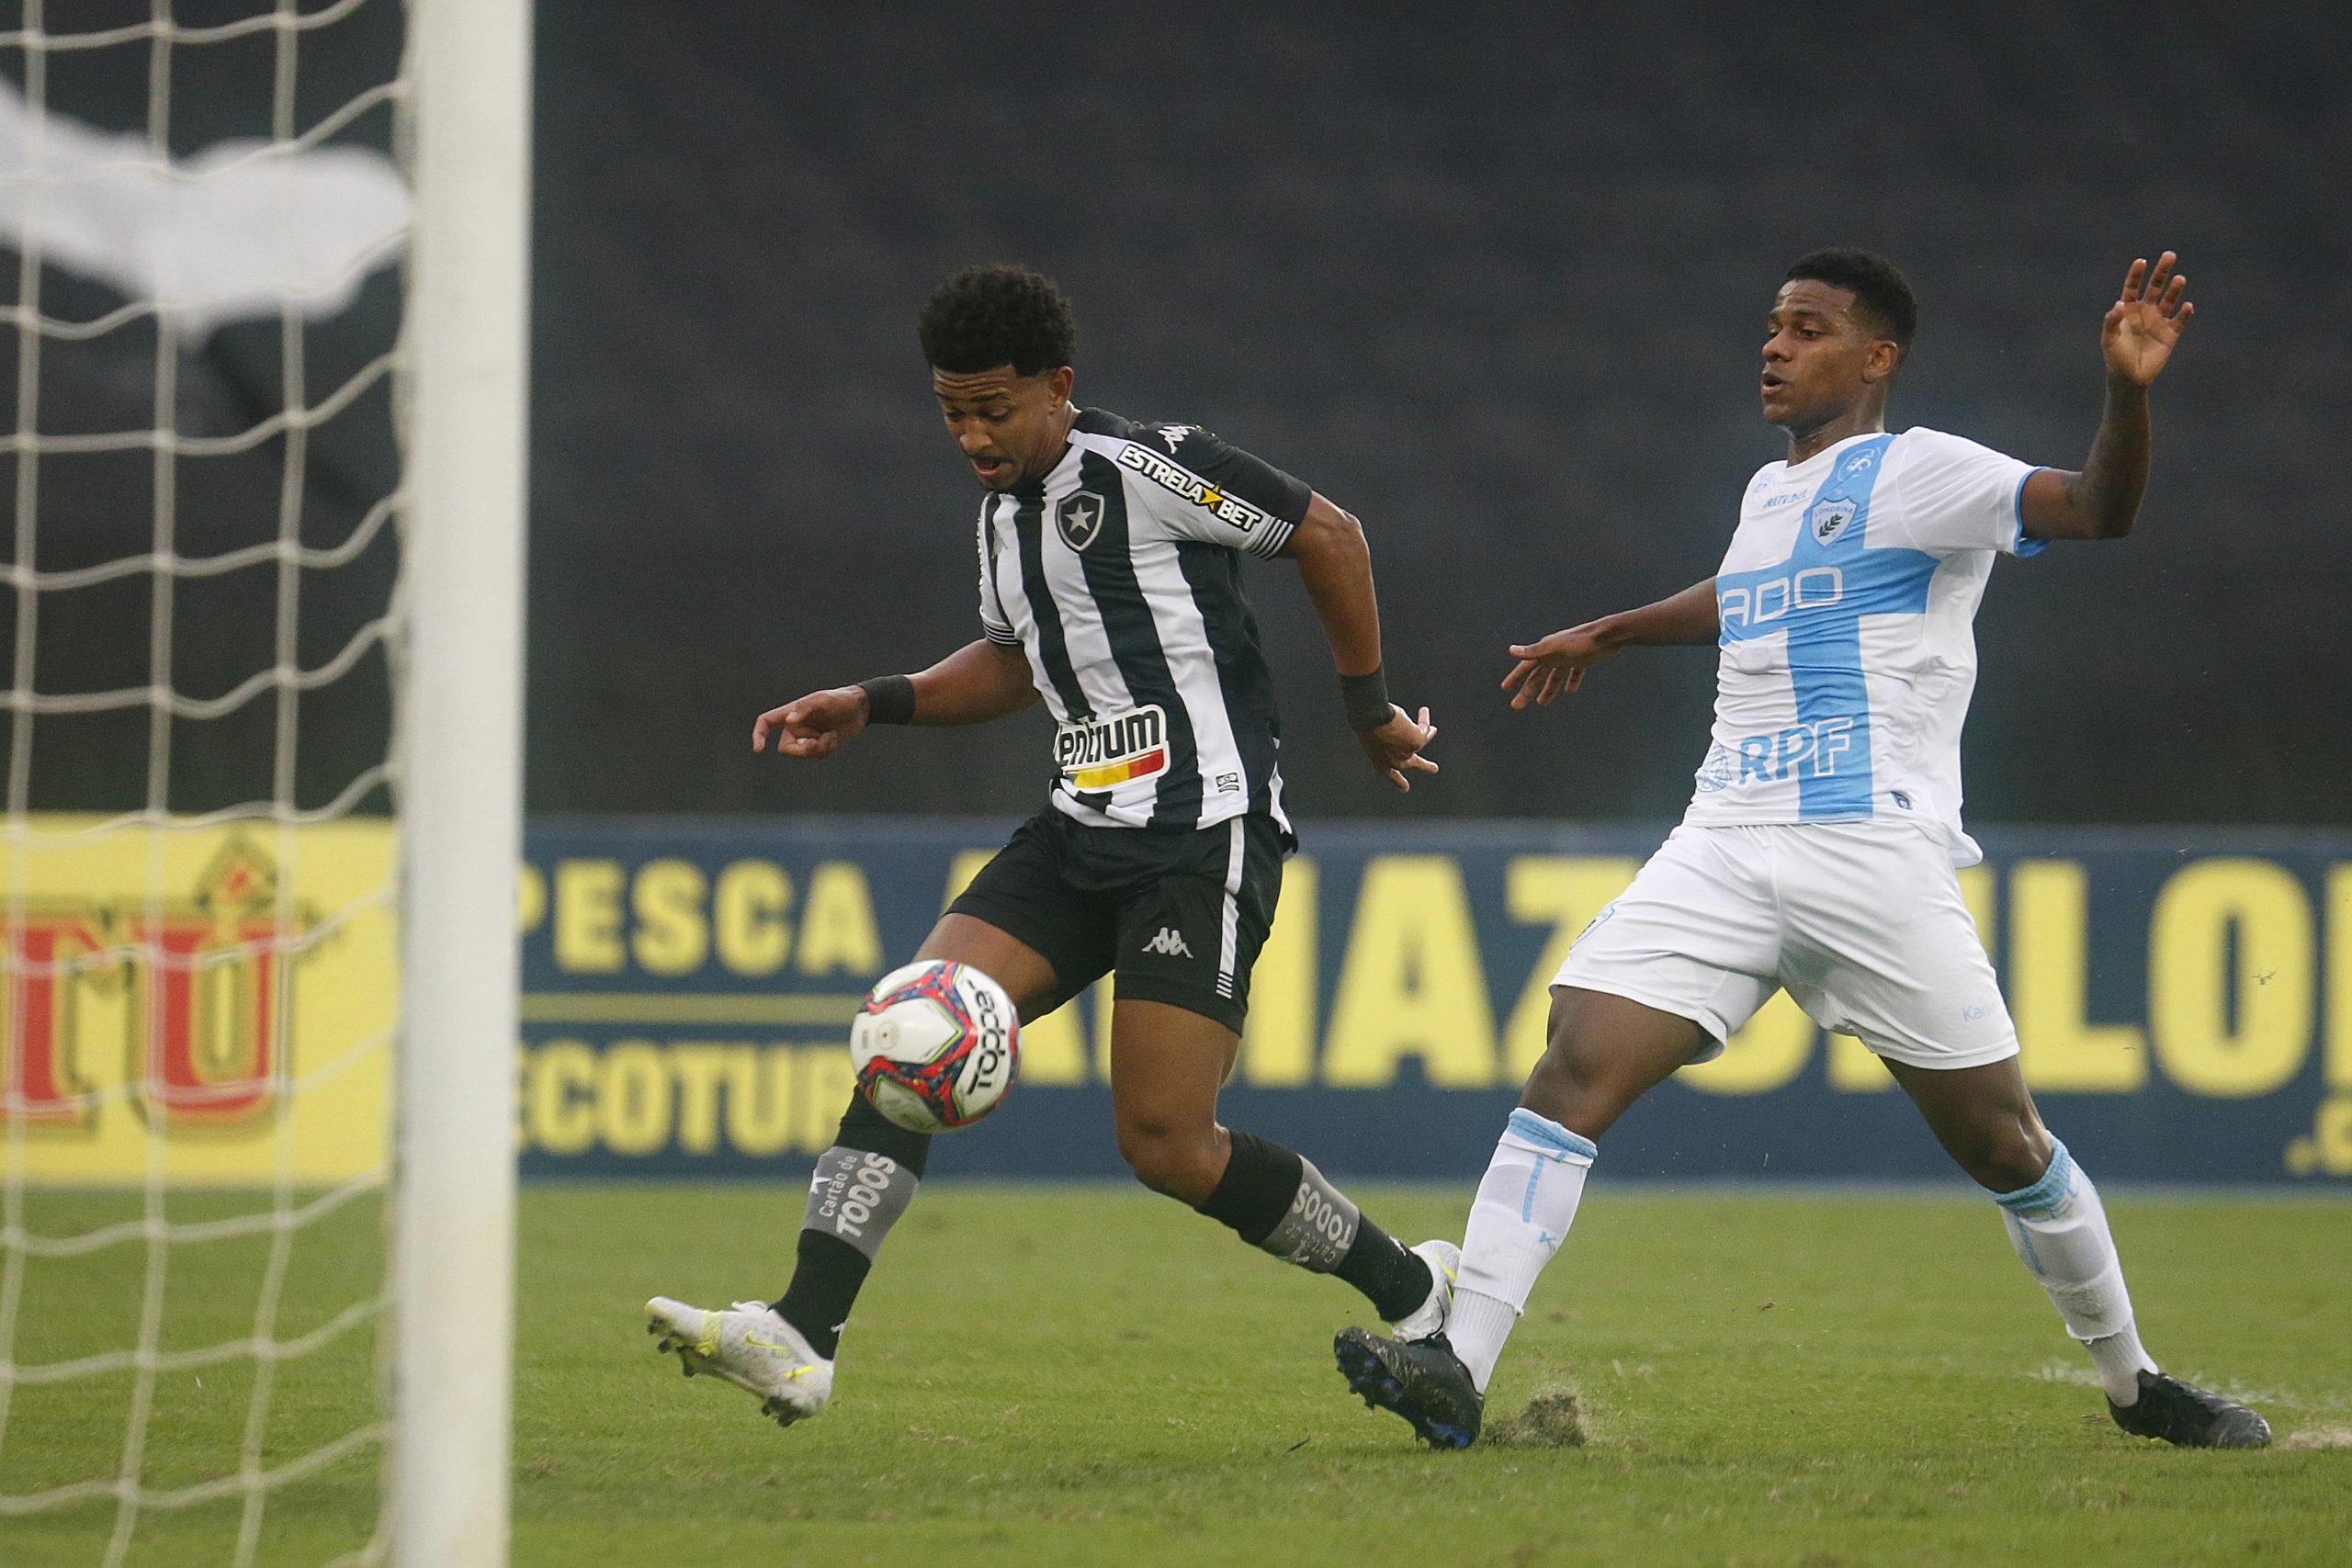 Warley no momento em que faz o primeiro gol do Botafogo sobre o Londrina pela Série B